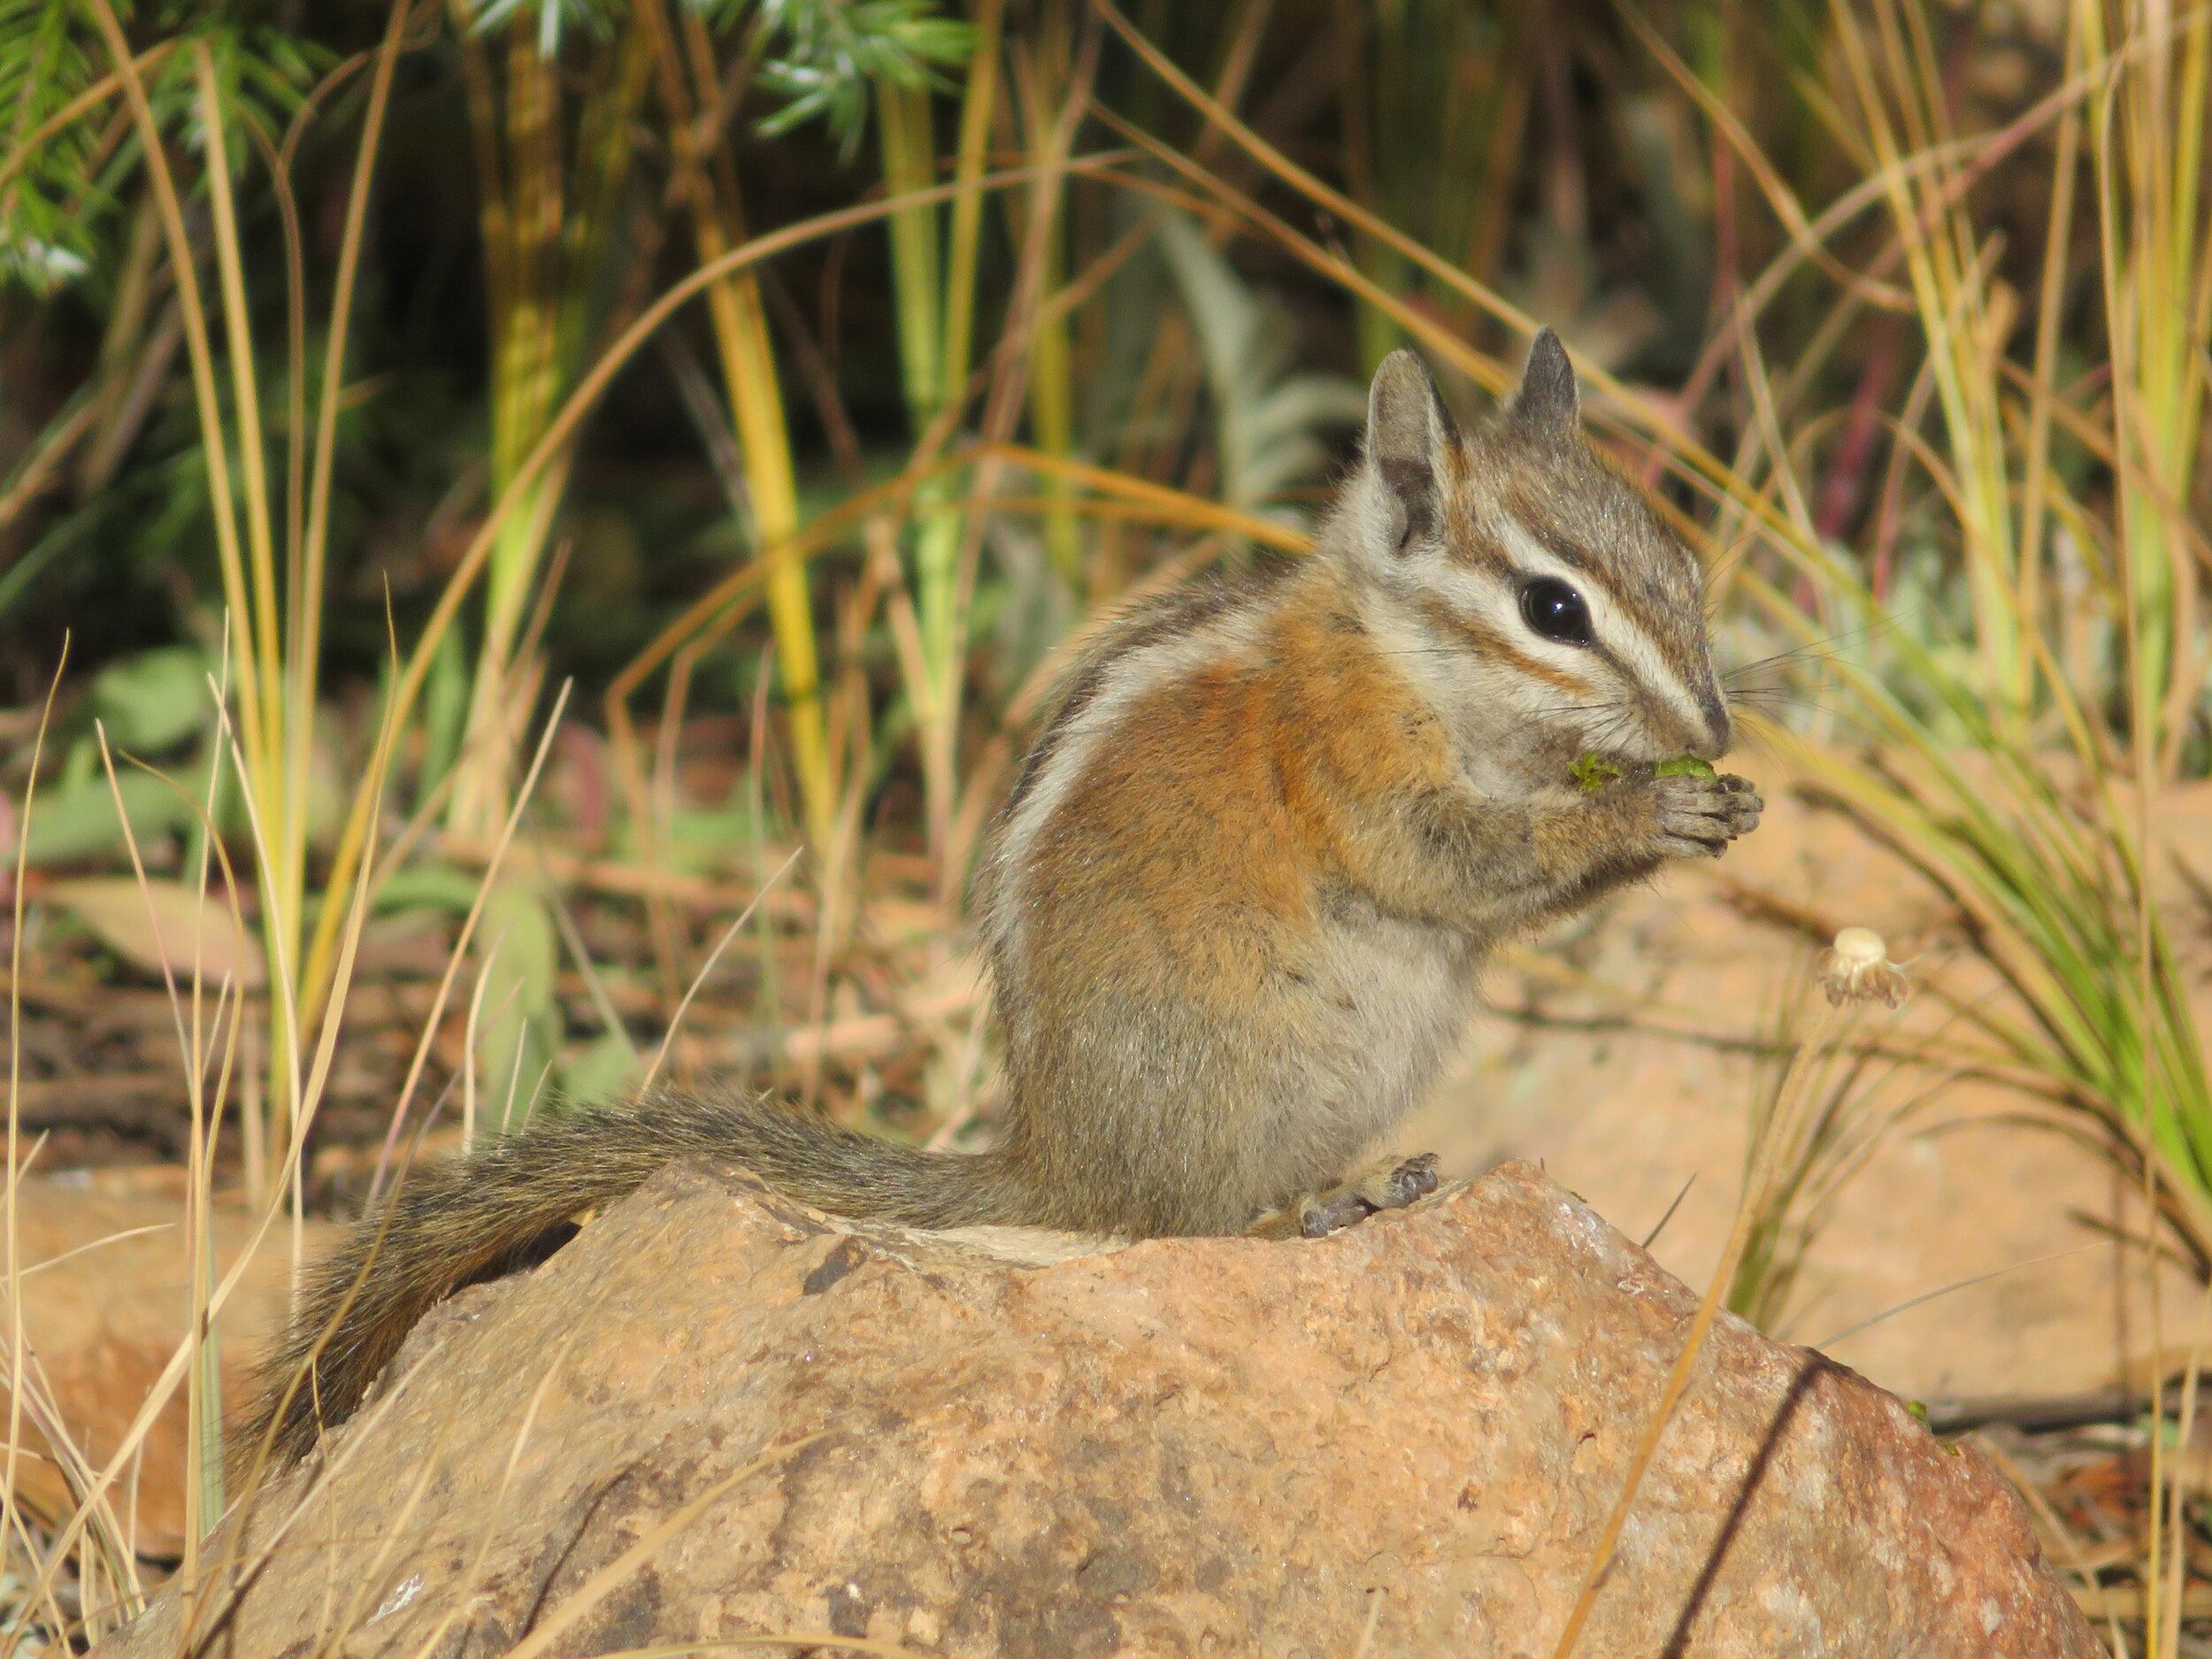 gcnp_ground squirrel.JPG